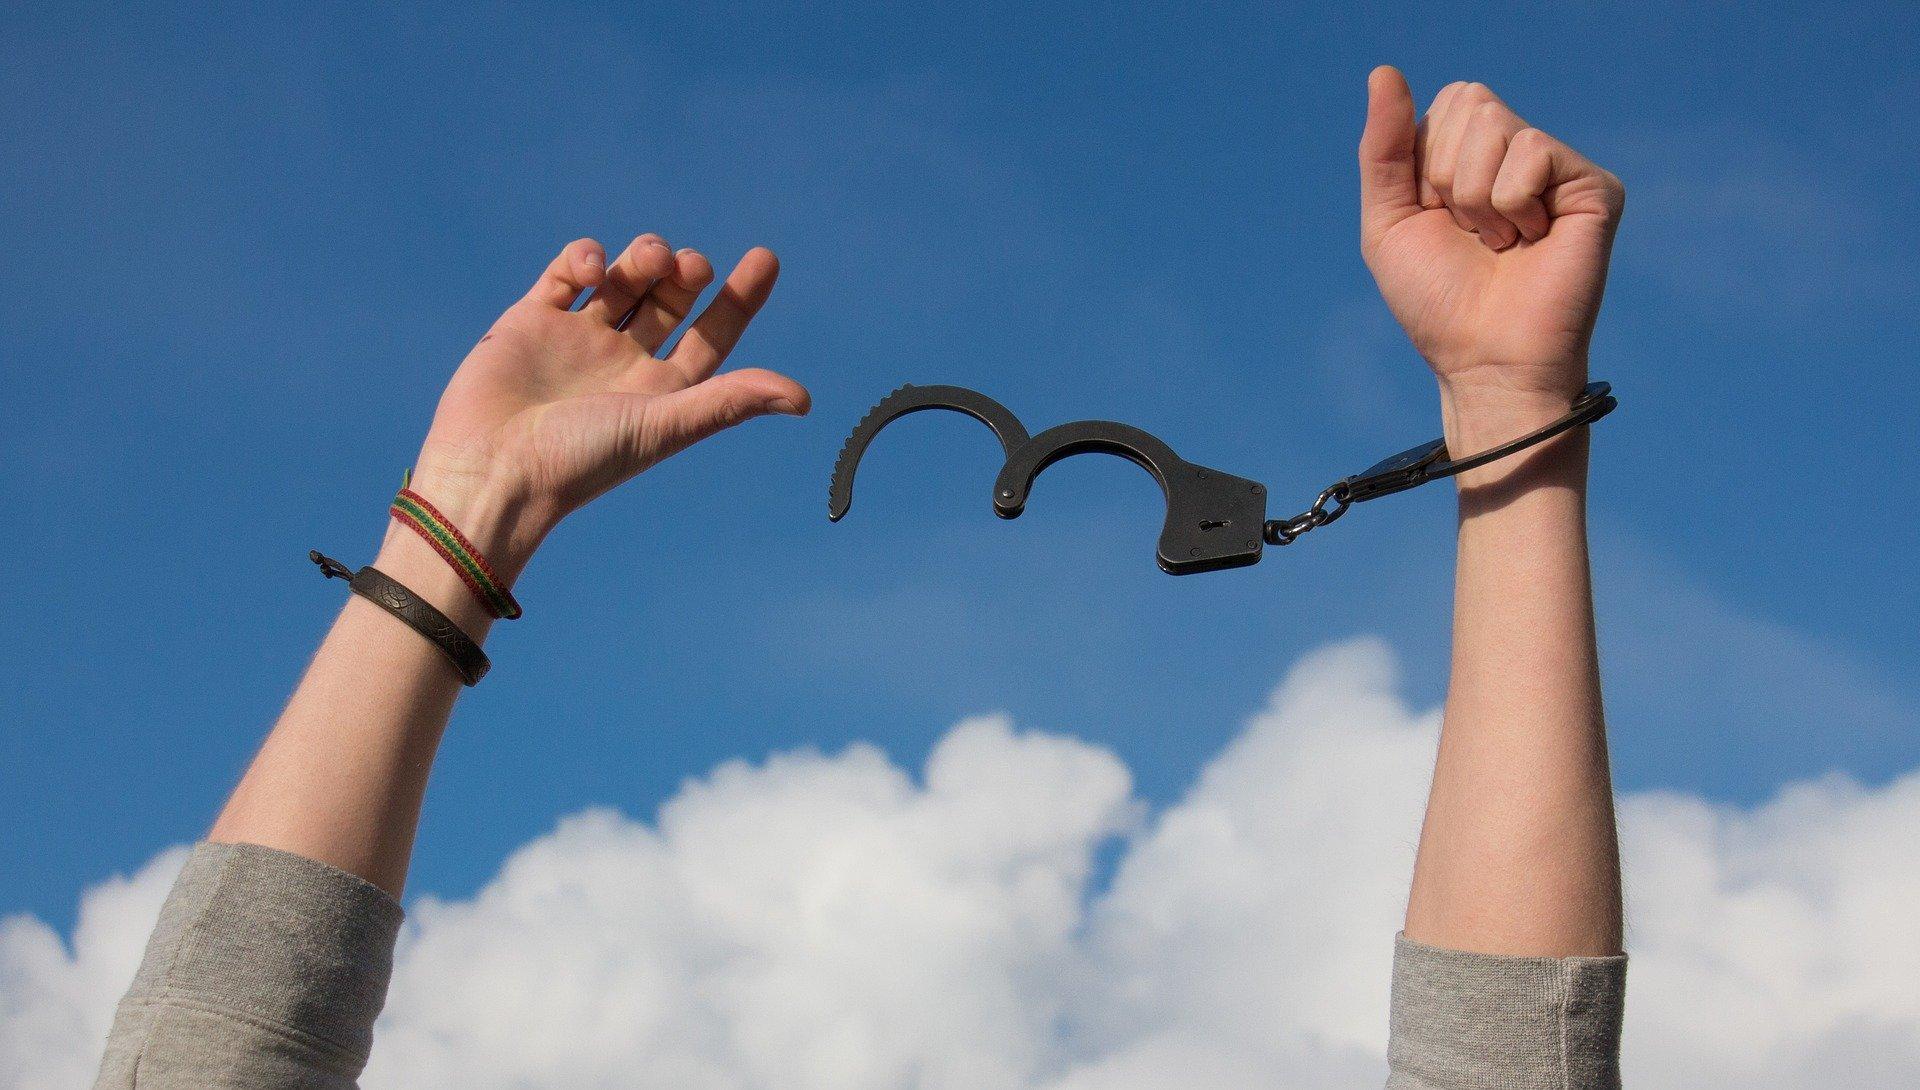 Grip op jeven en wees vrij